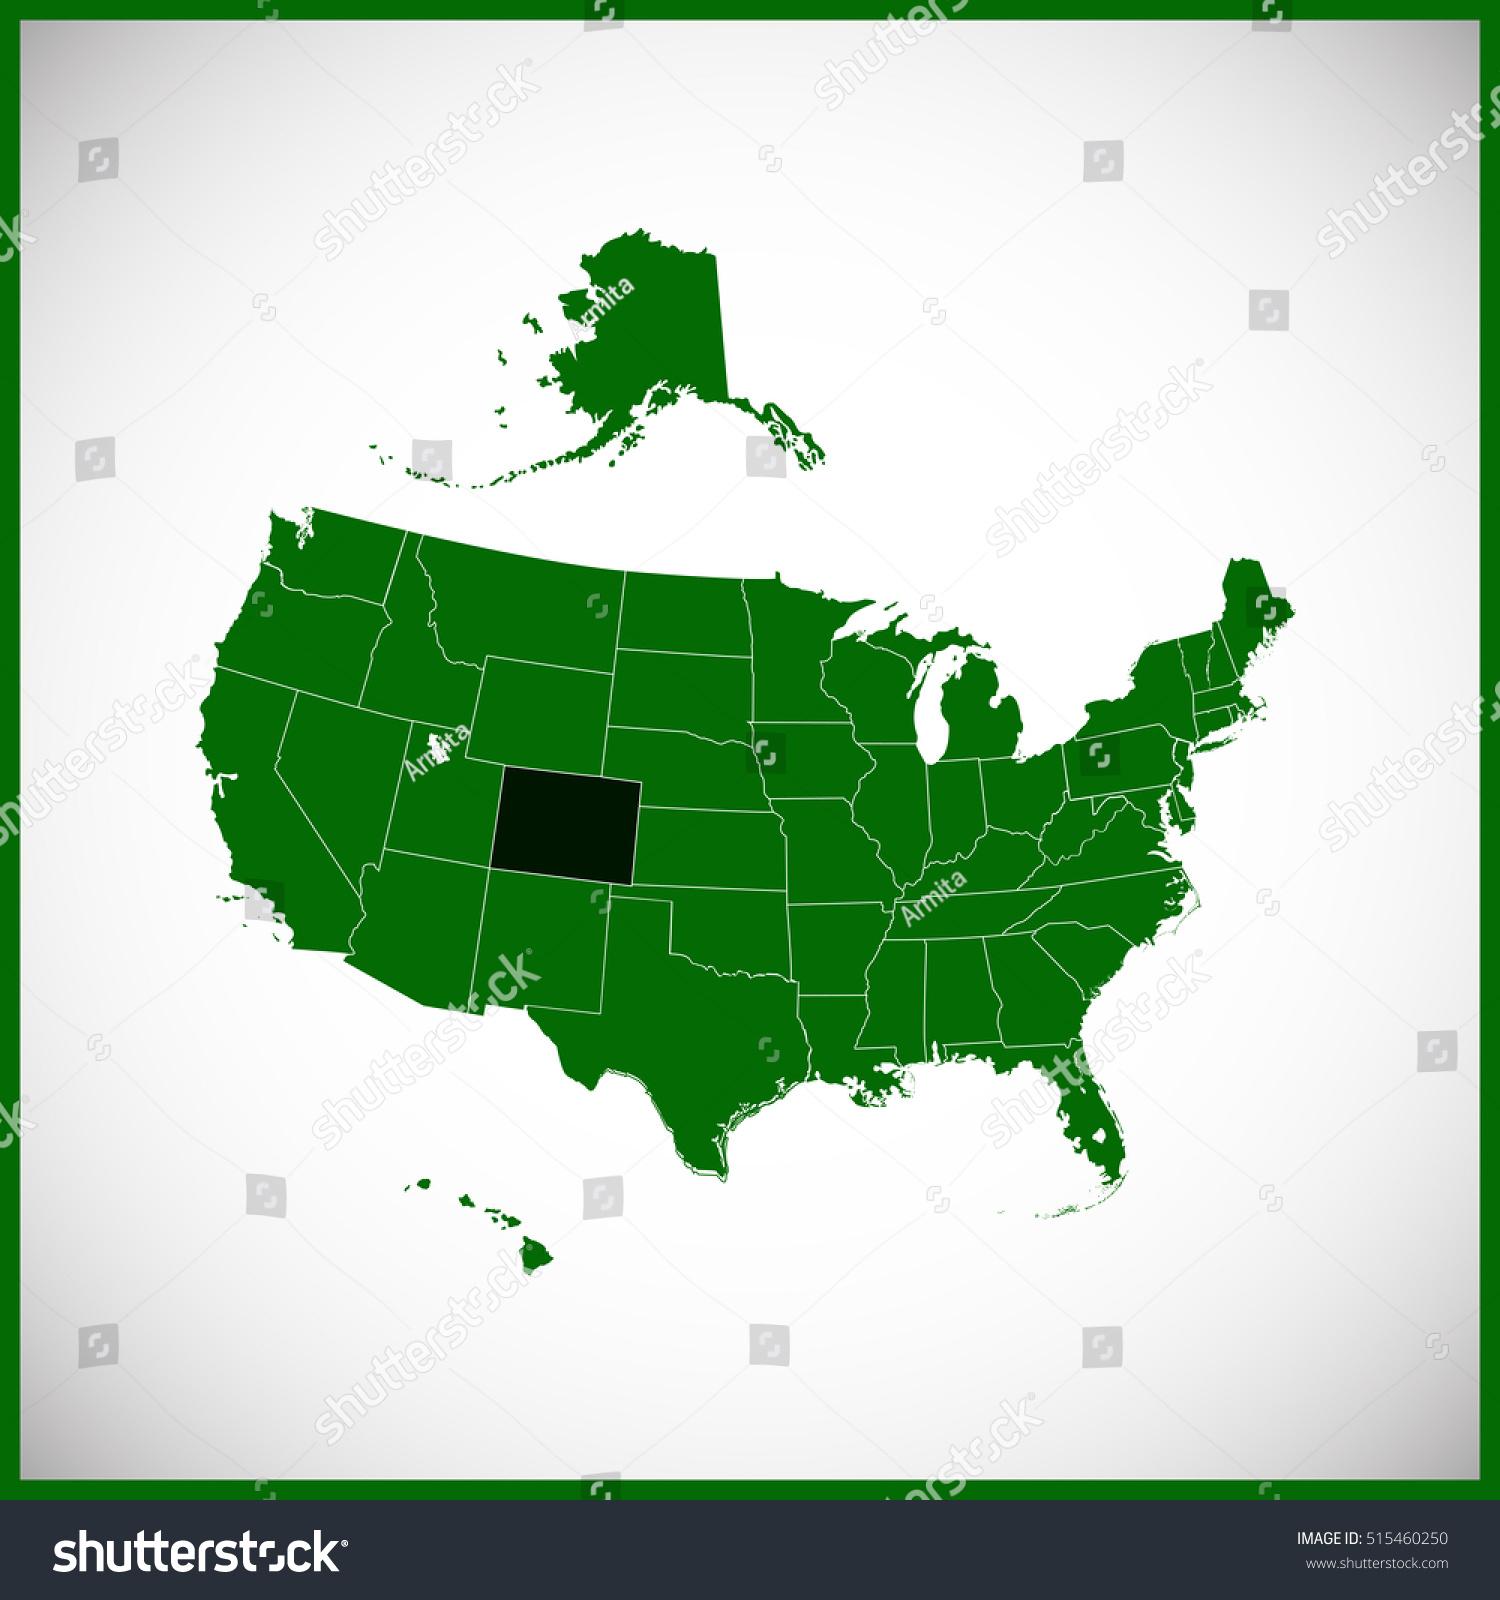 Usa State Colorado Map Stock Vector Shutterstock - Colorado map usa